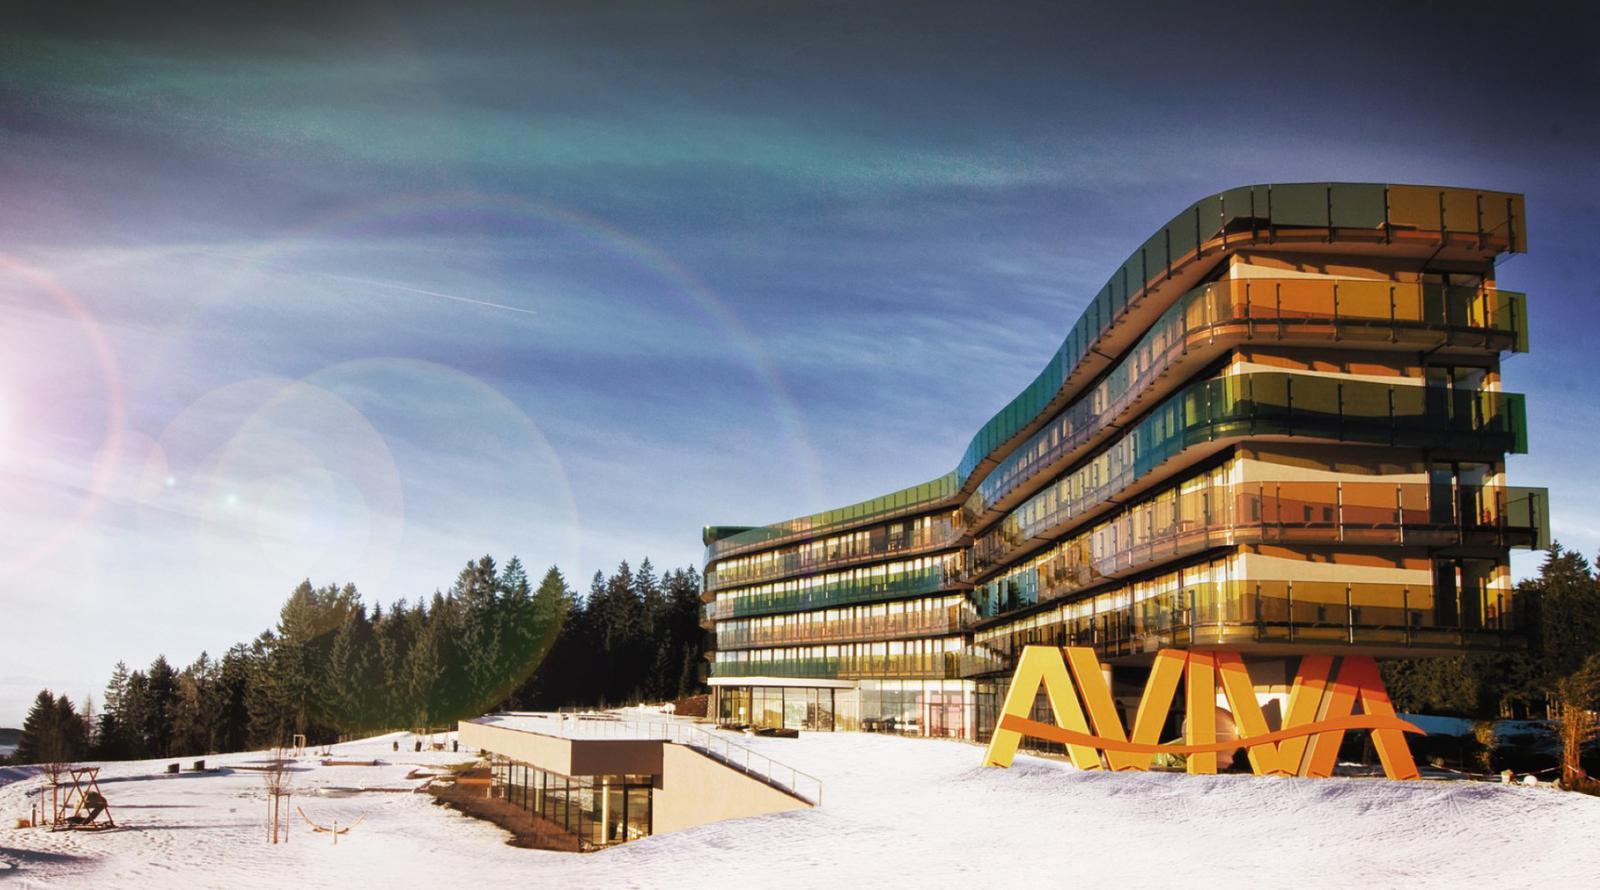 aviva-winter